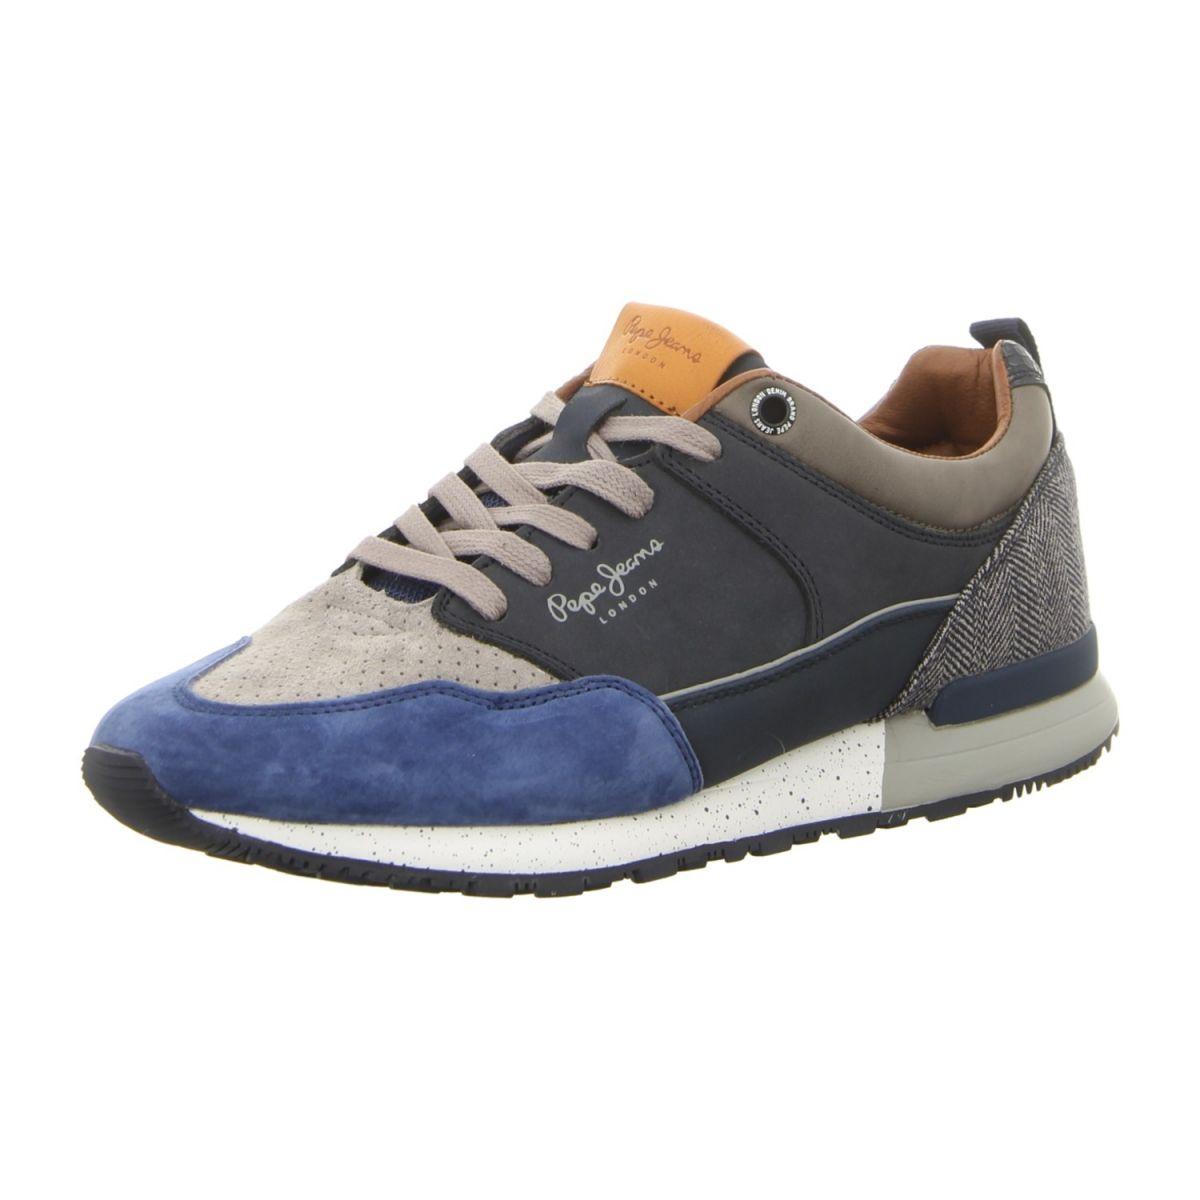 NEU: Pepe Jeans Sneaker Boston2.0 - PMS30382-574 - jarman -